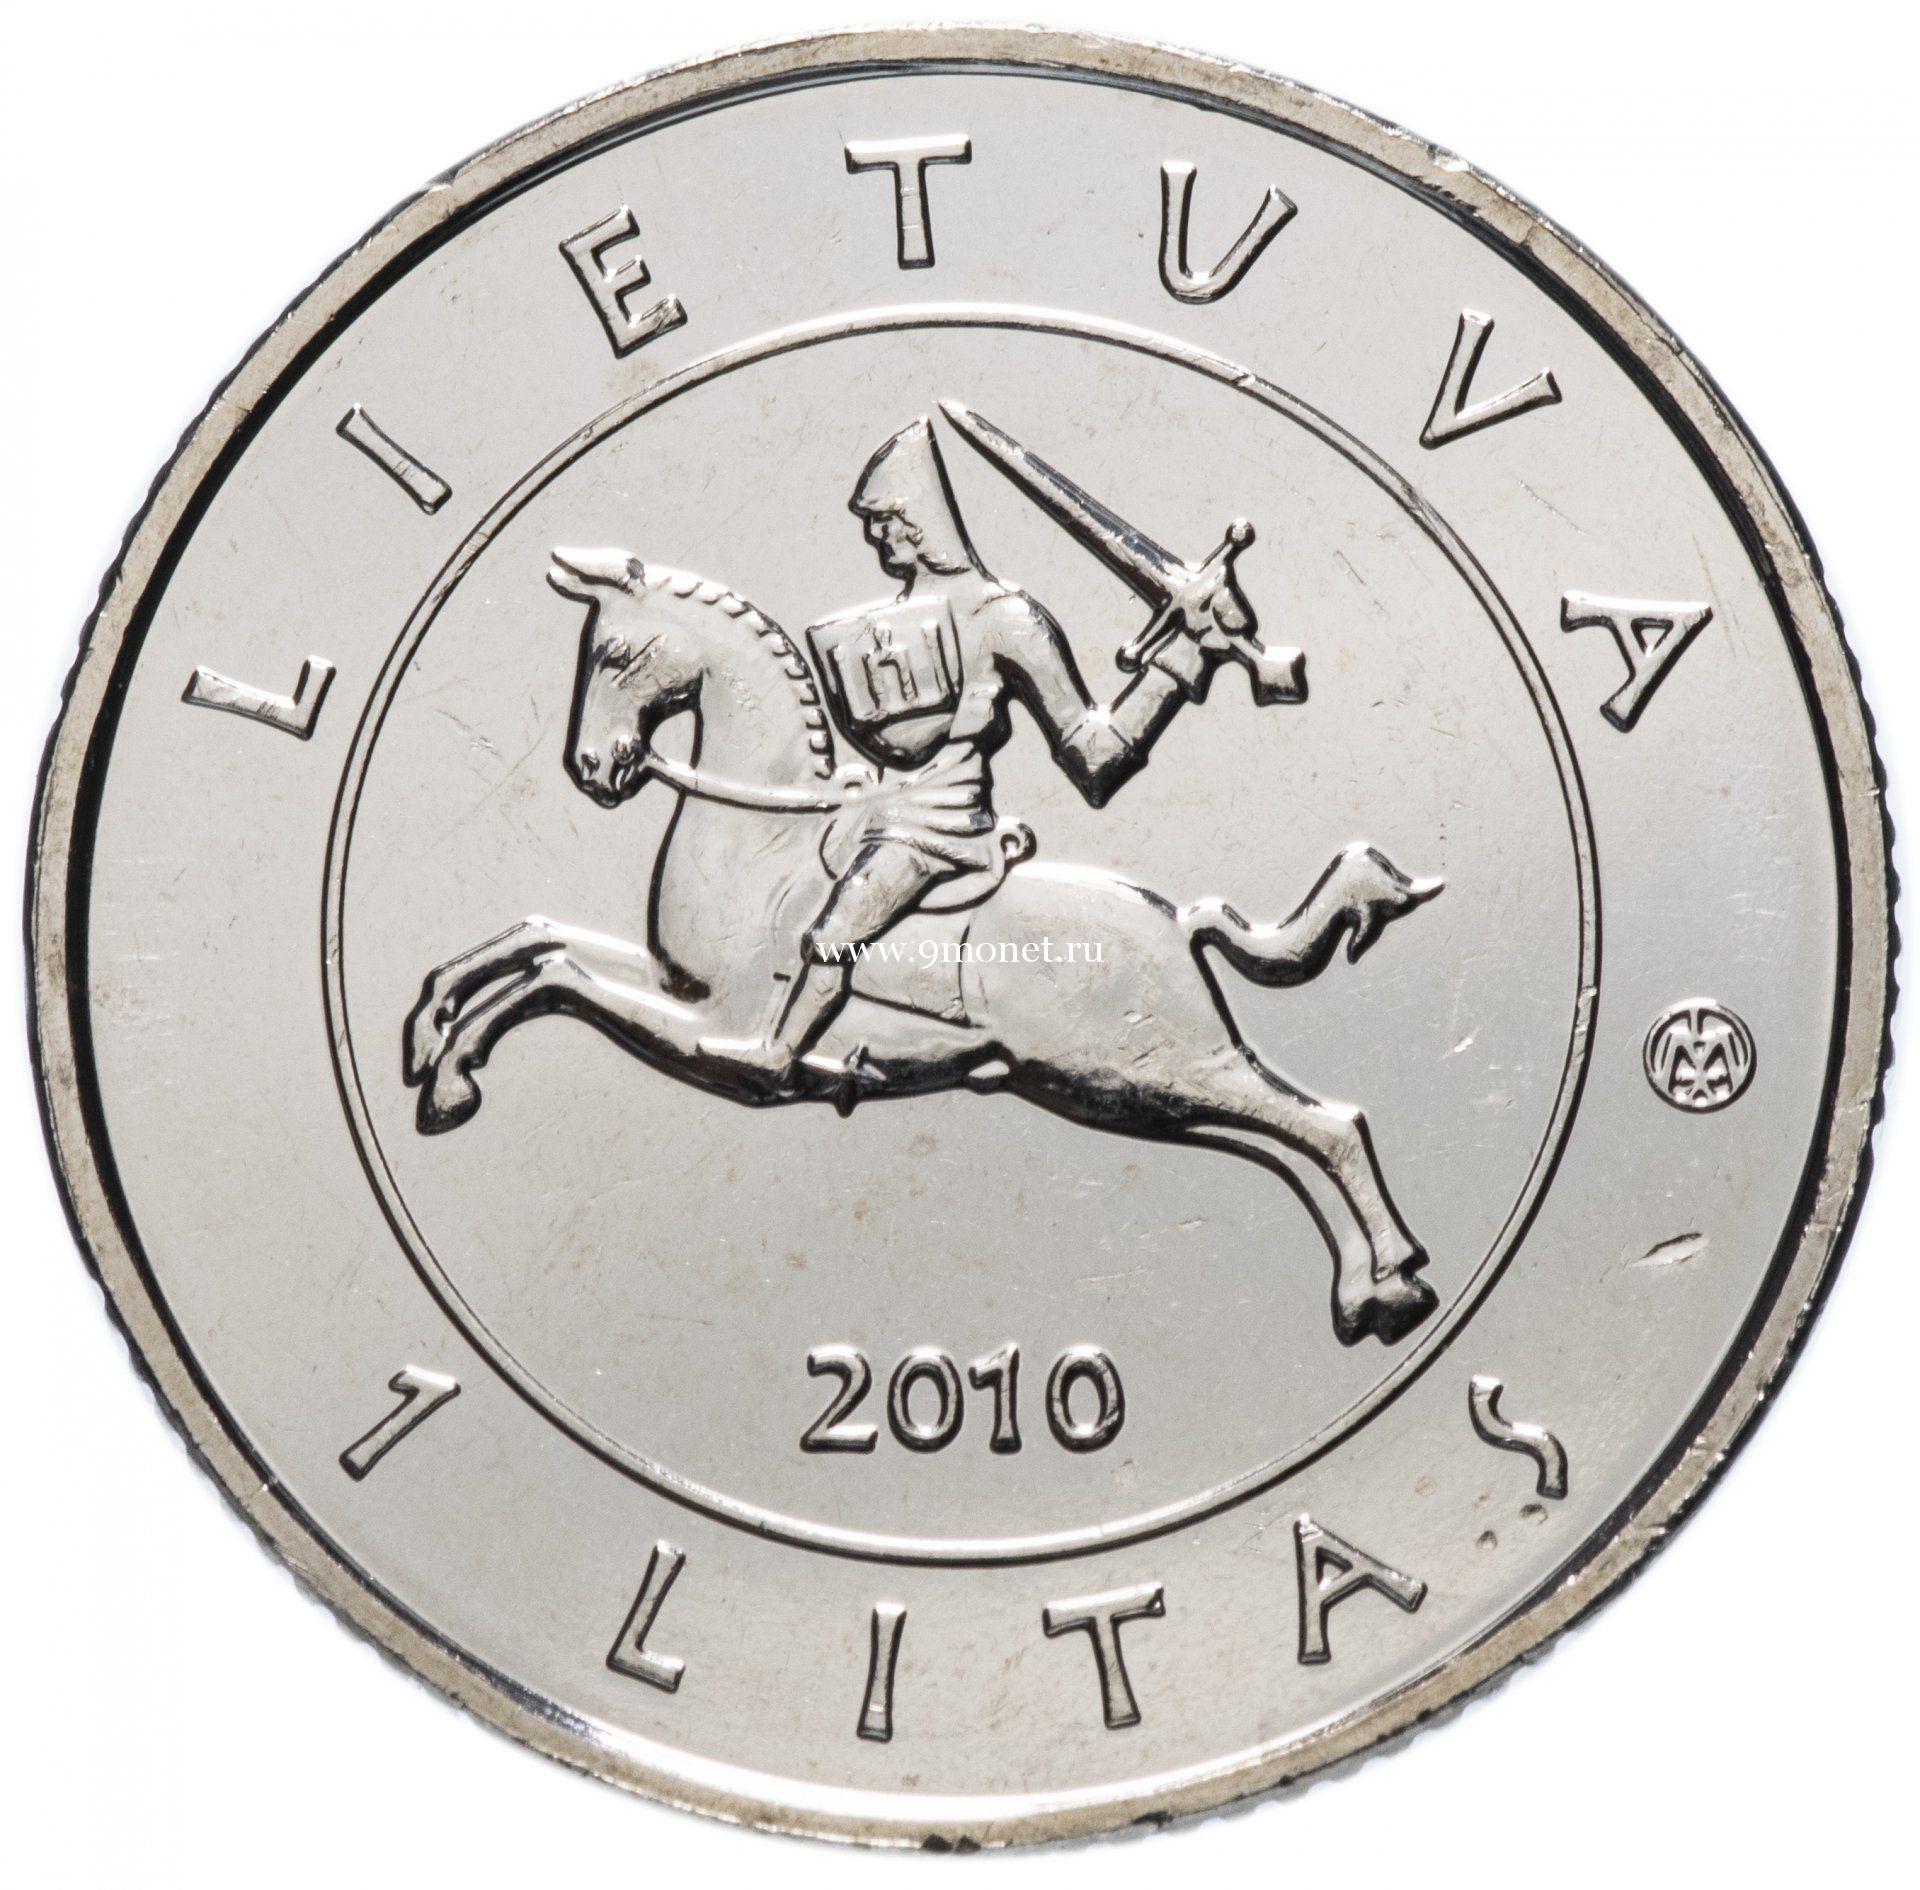 Литва 1 лит 2010 года 600 лет Грюнвальдской битвы.